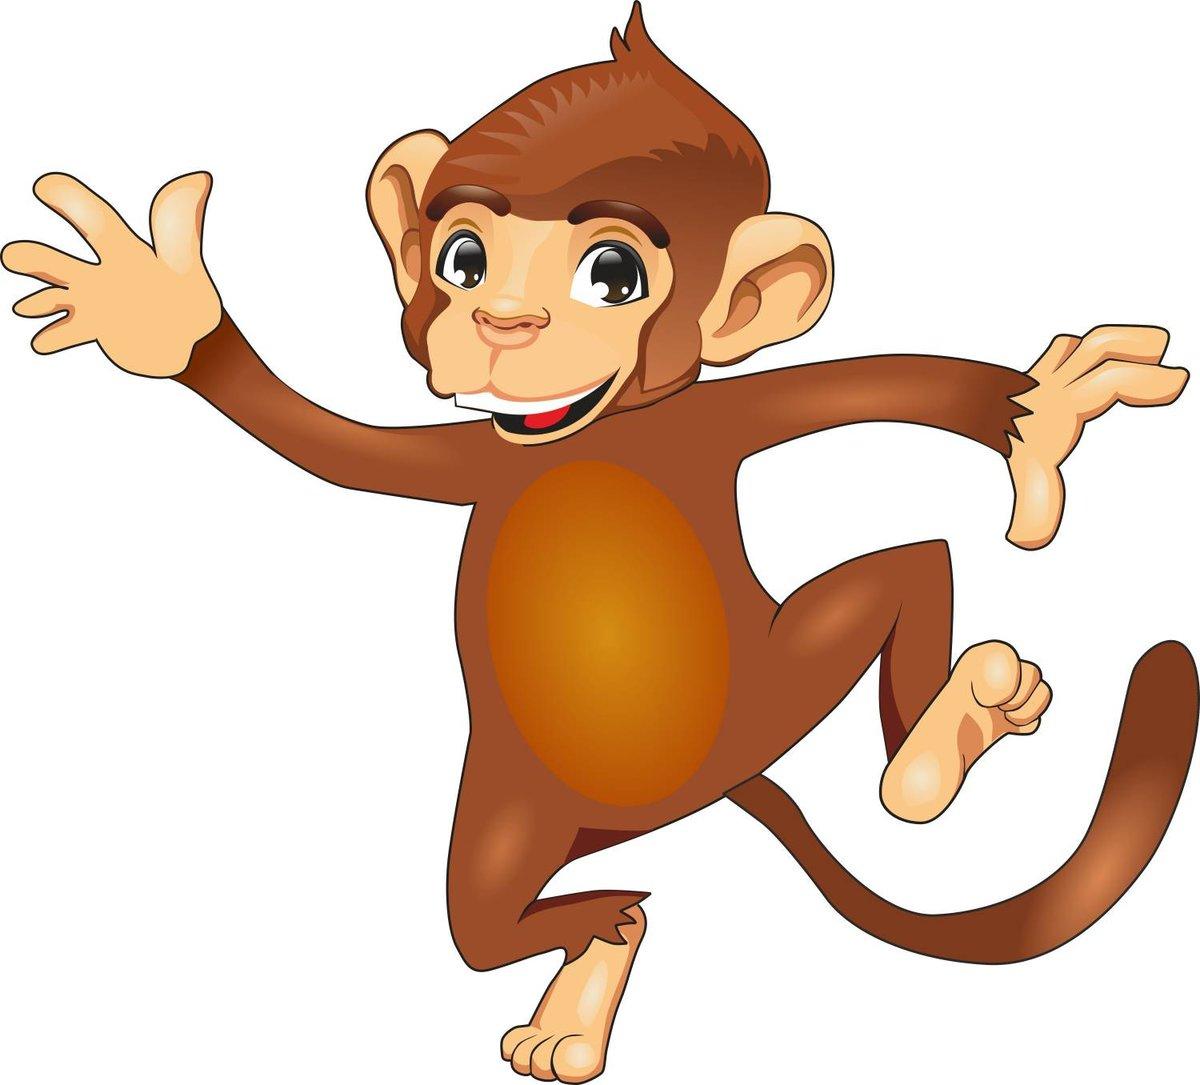 квартире картинки обезьян нарисовать герцогов кембриджских хорошо